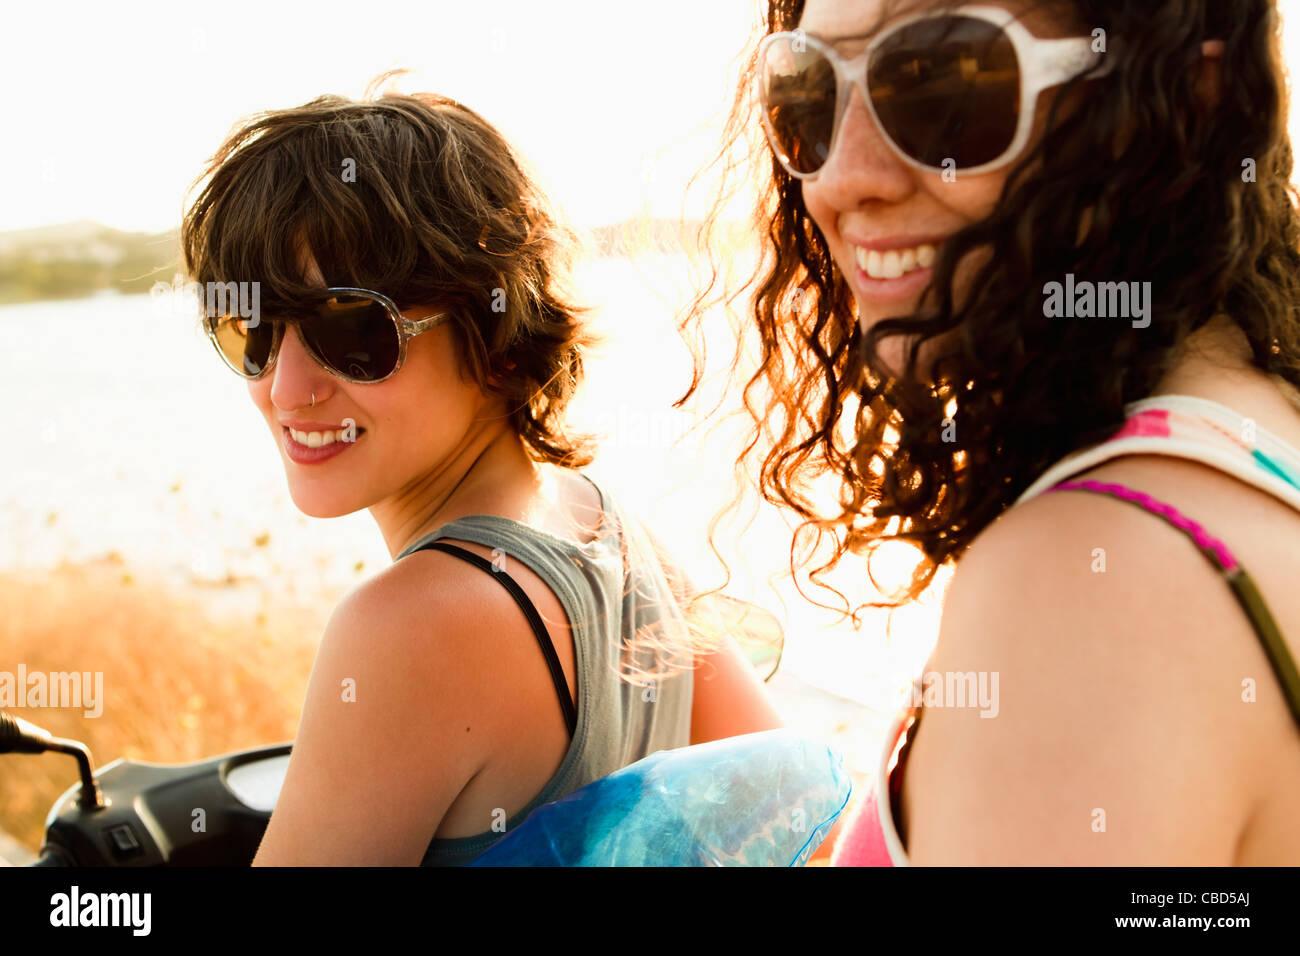 Lächelnde Frauen Motorroller am Strand Stockbild